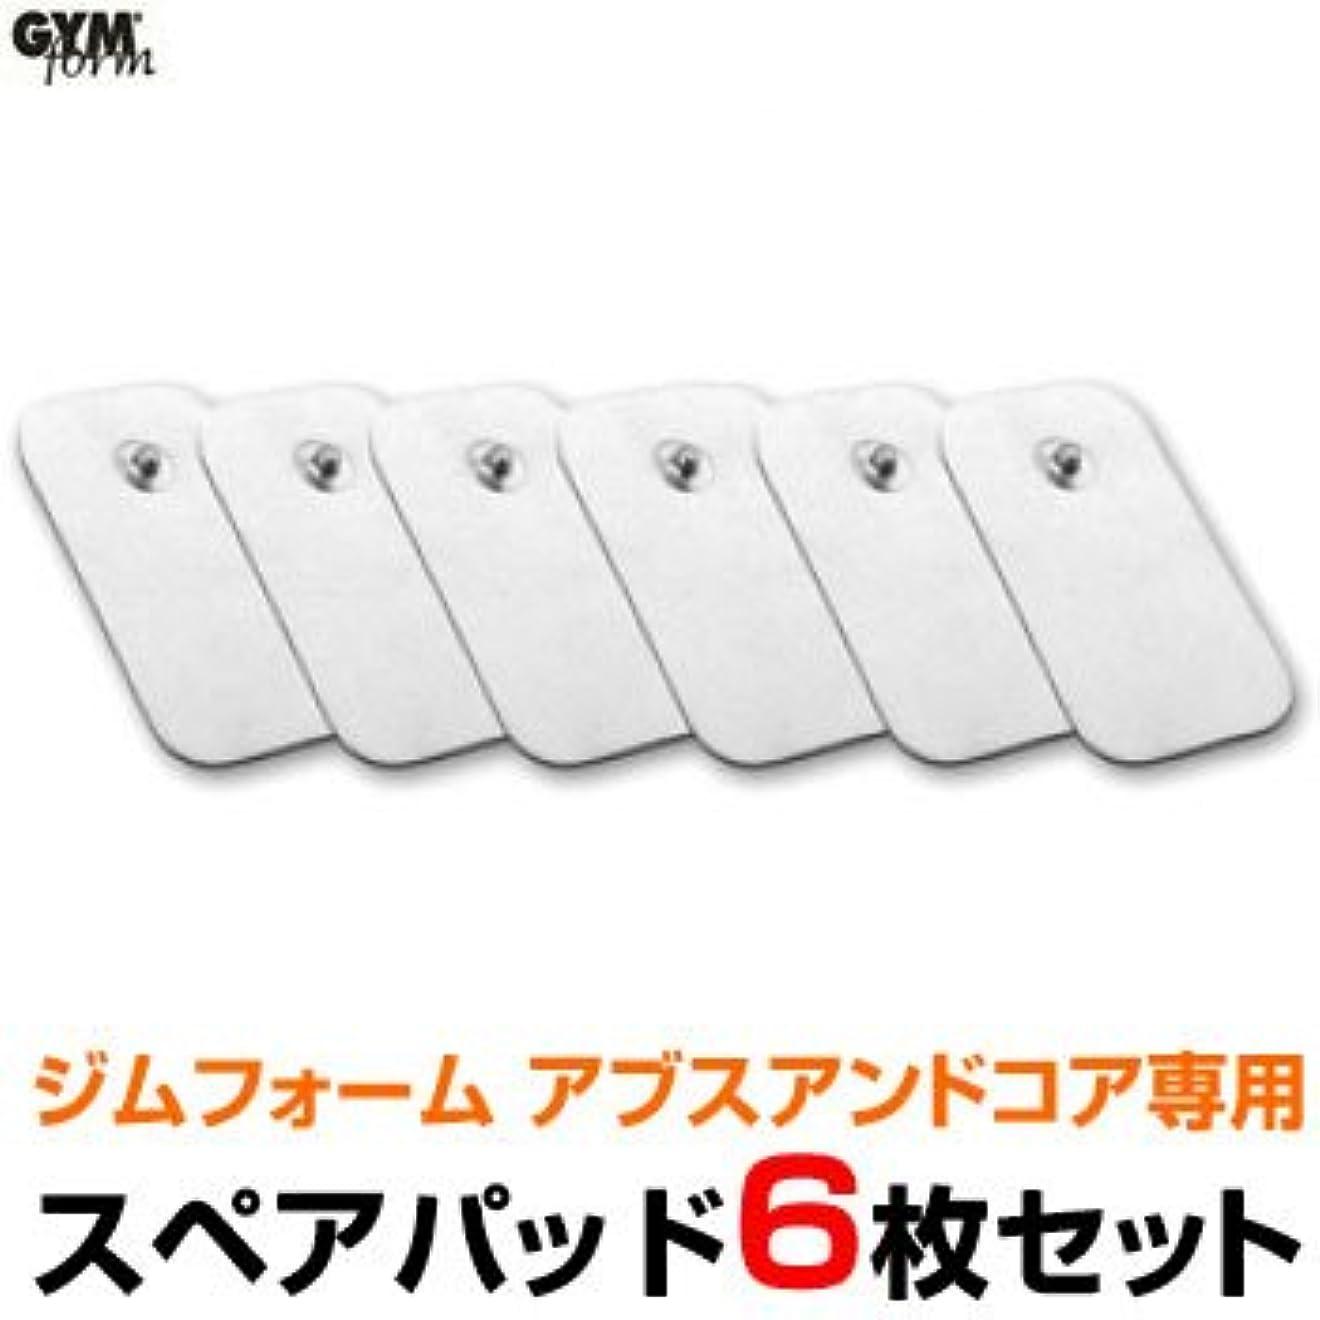 エントリチロ不格好ジムフォーム アブス&コア専用スペアパッド(GYMform ABS&CORE)6枚セット